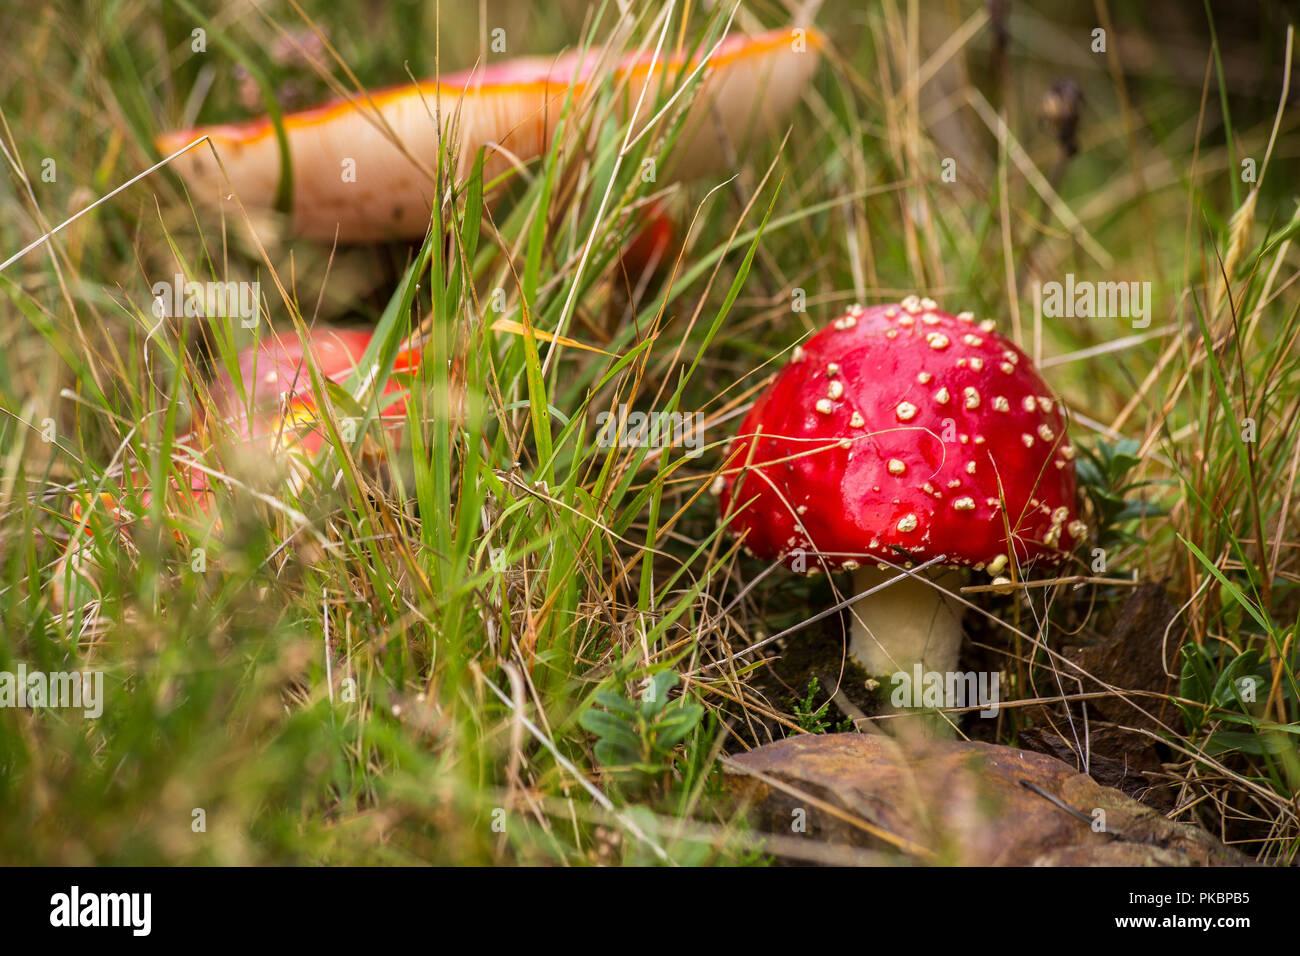 Seta de color rojo con lunares blancos hojuela de cerca en el bosque de otoño Foto de stock